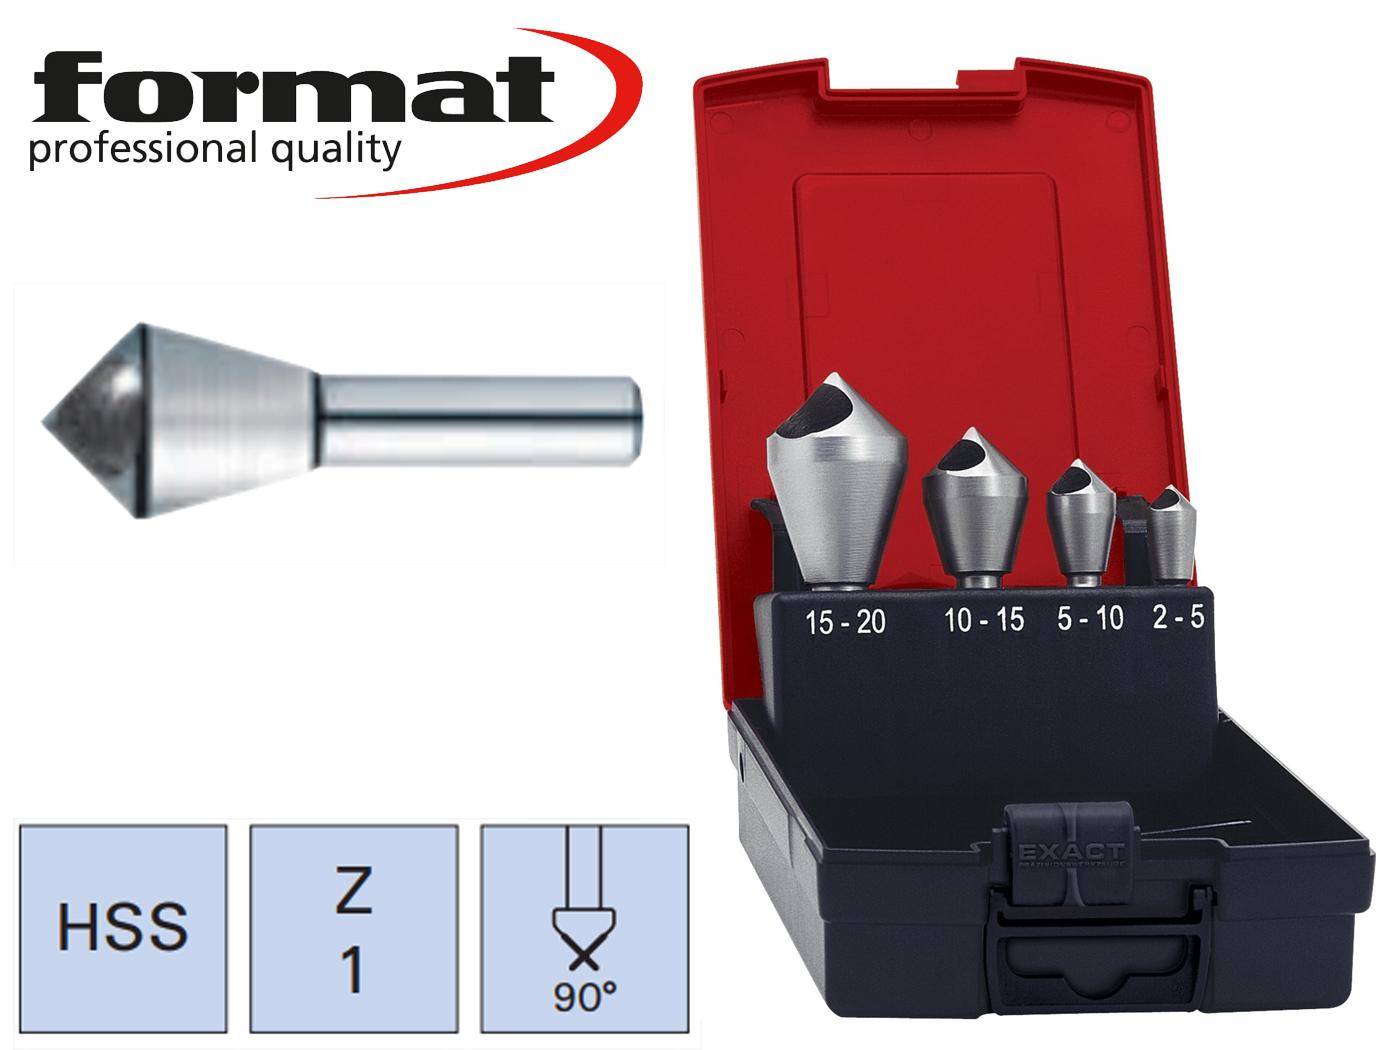 Verzinkboor Set schuin gat HSS 90G FORMAT   DKMTools - DKM Tools